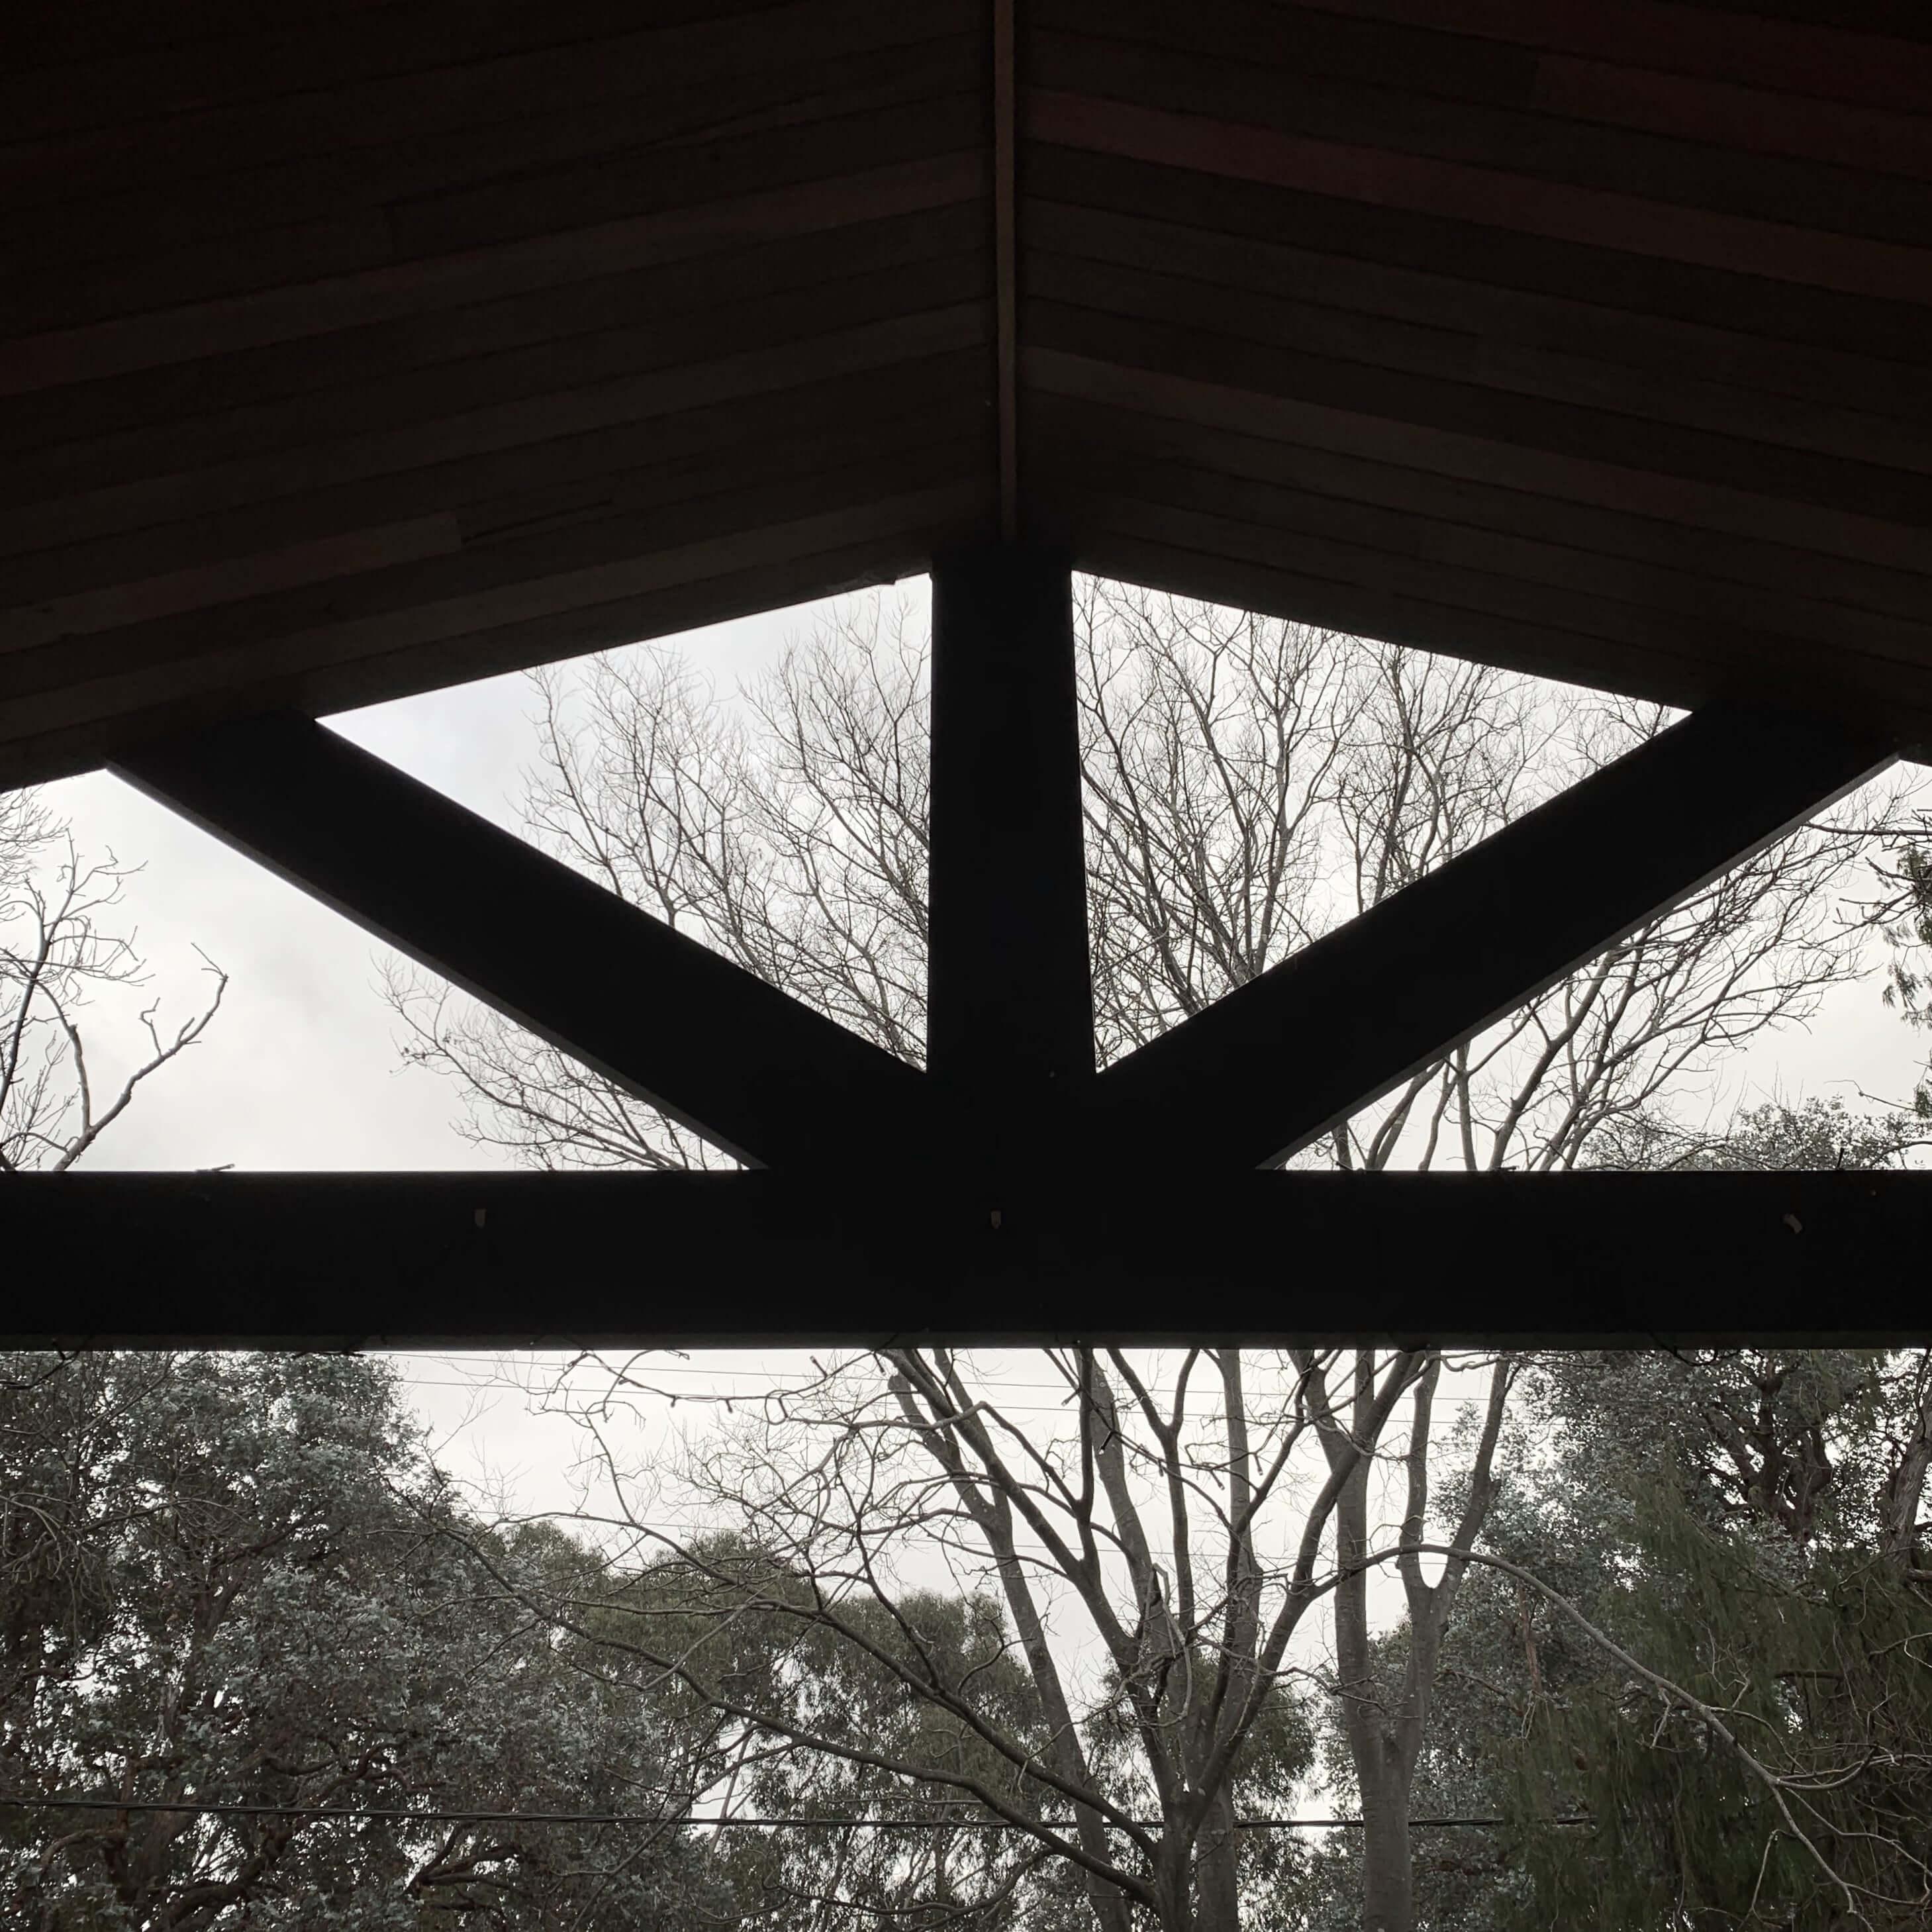 Patio roof facing a garden